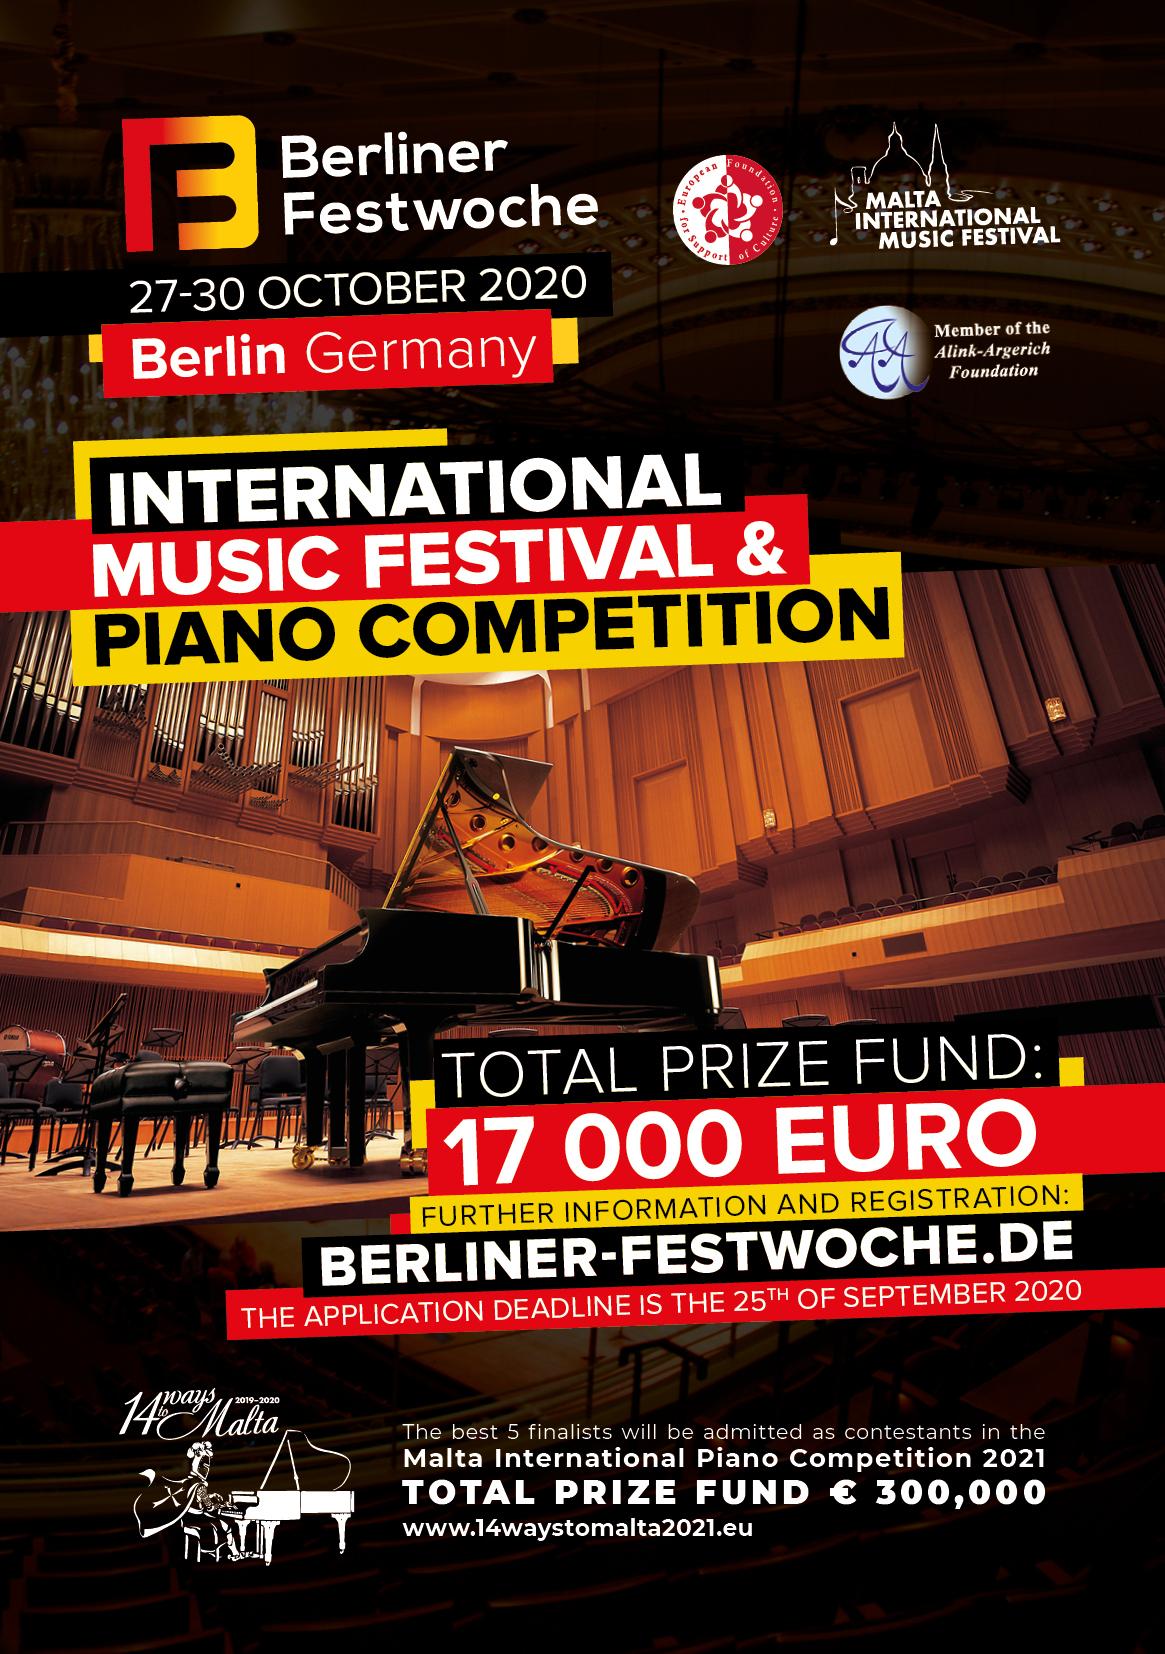 Berliner_Festwoche-2020 (3)